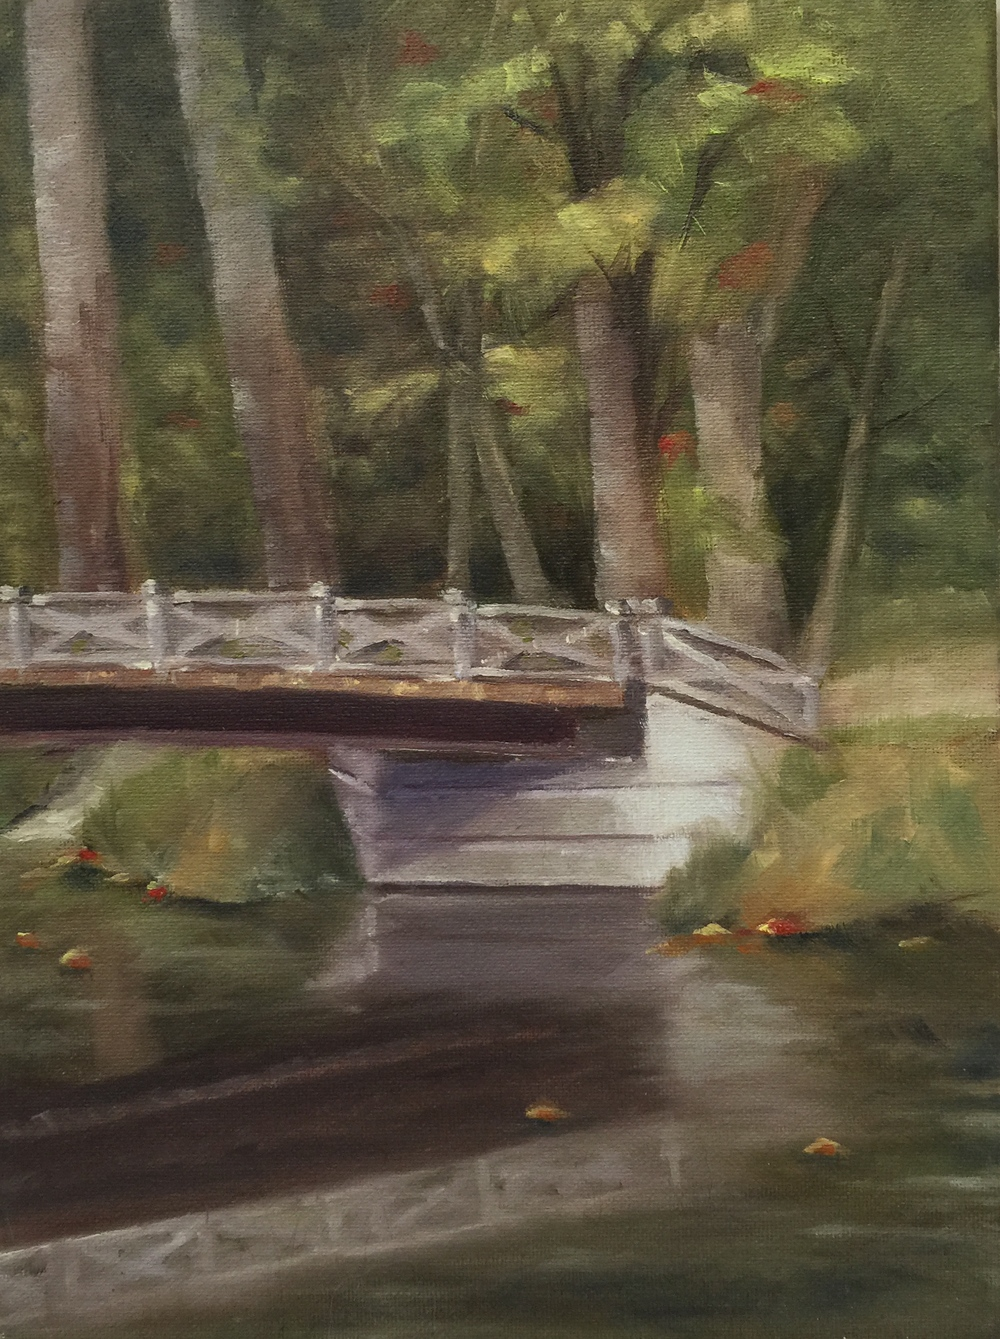 Landscape Painting by Elise Mahaffie